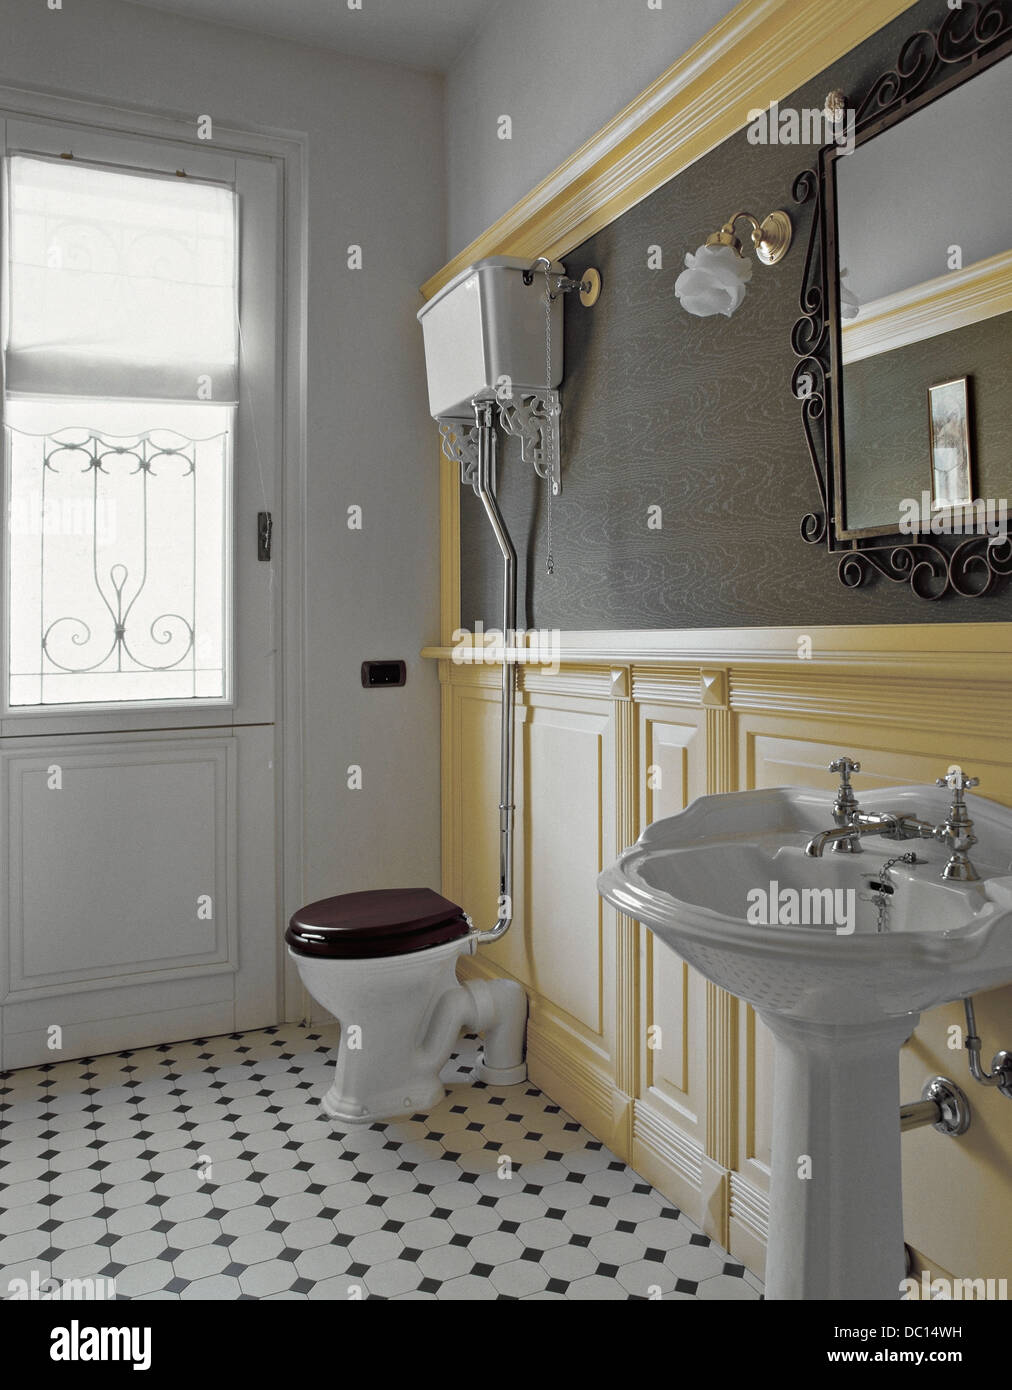 Bagno classico giallo con boiserie in legno e un grande specchio foto immagine stock 59032781 - Bagno con boiserie ...